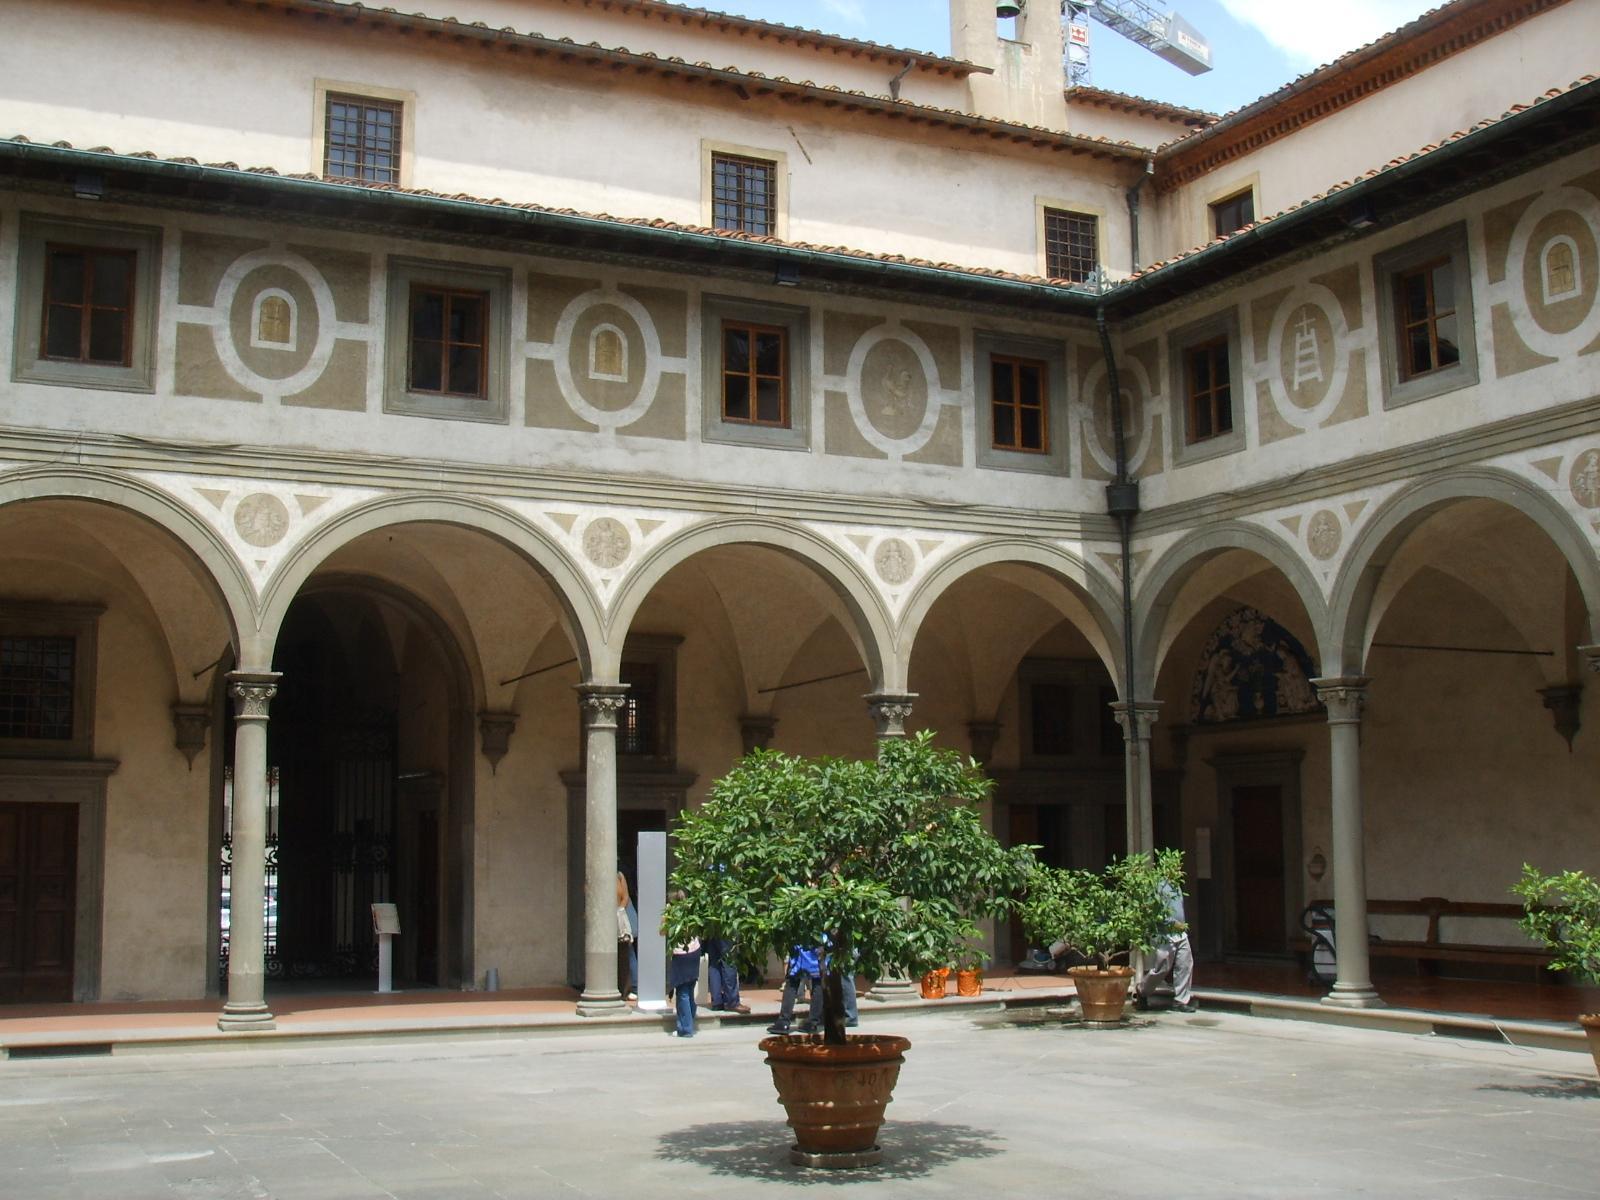 ospedale_degli_innocenti_brunelleschi_florence_itl_ren1335753614731.jpg